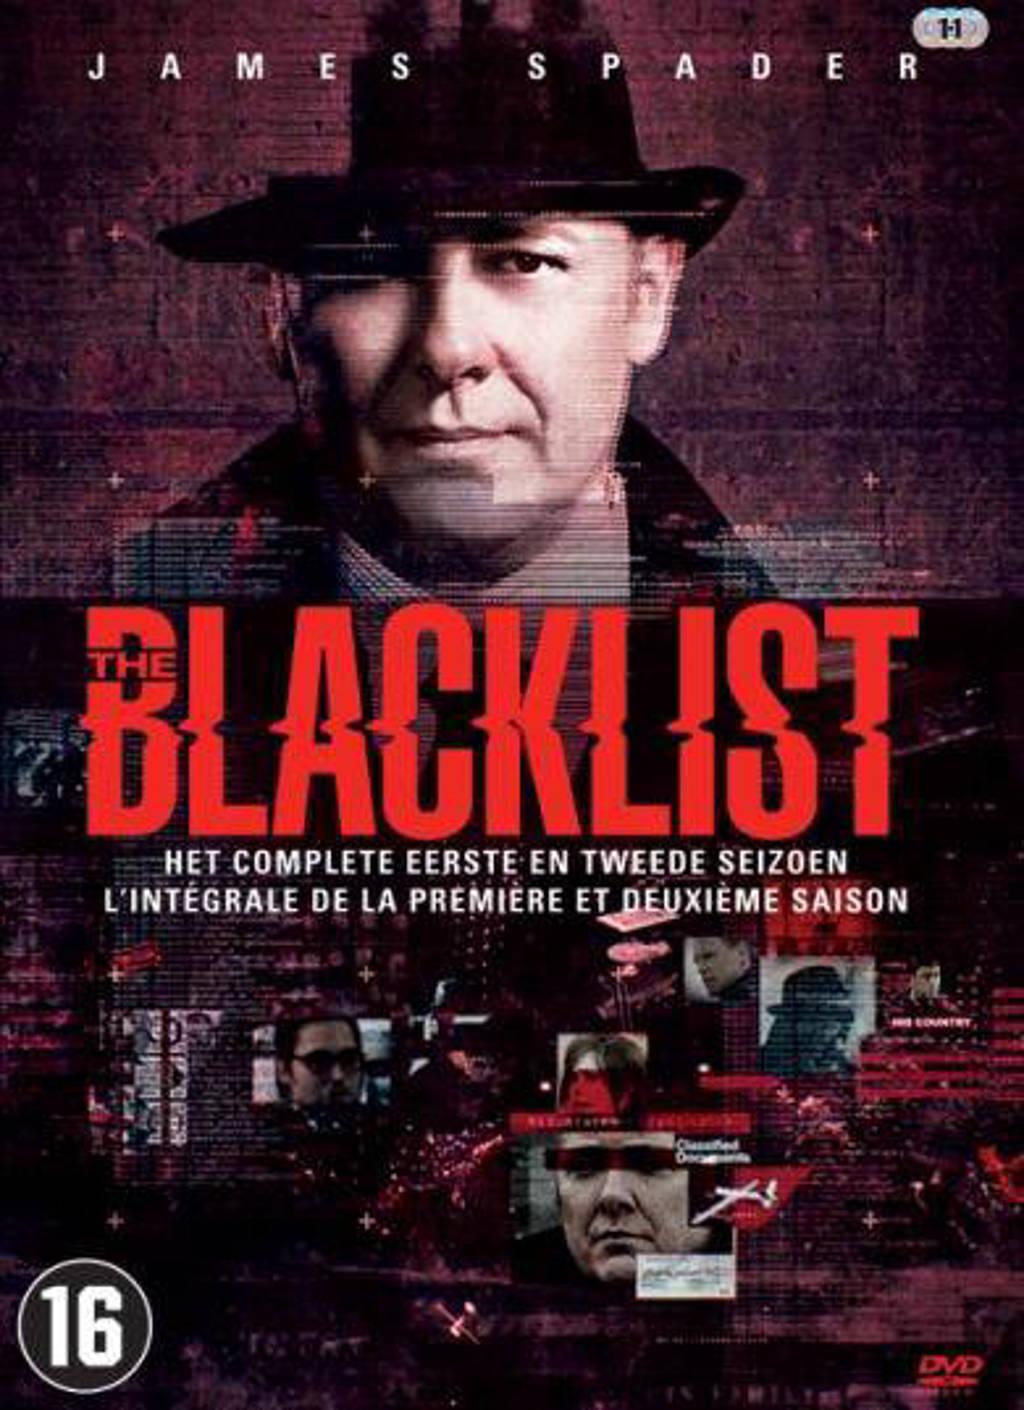 Blacklist - Seizoen 1 & 2 (DVD)